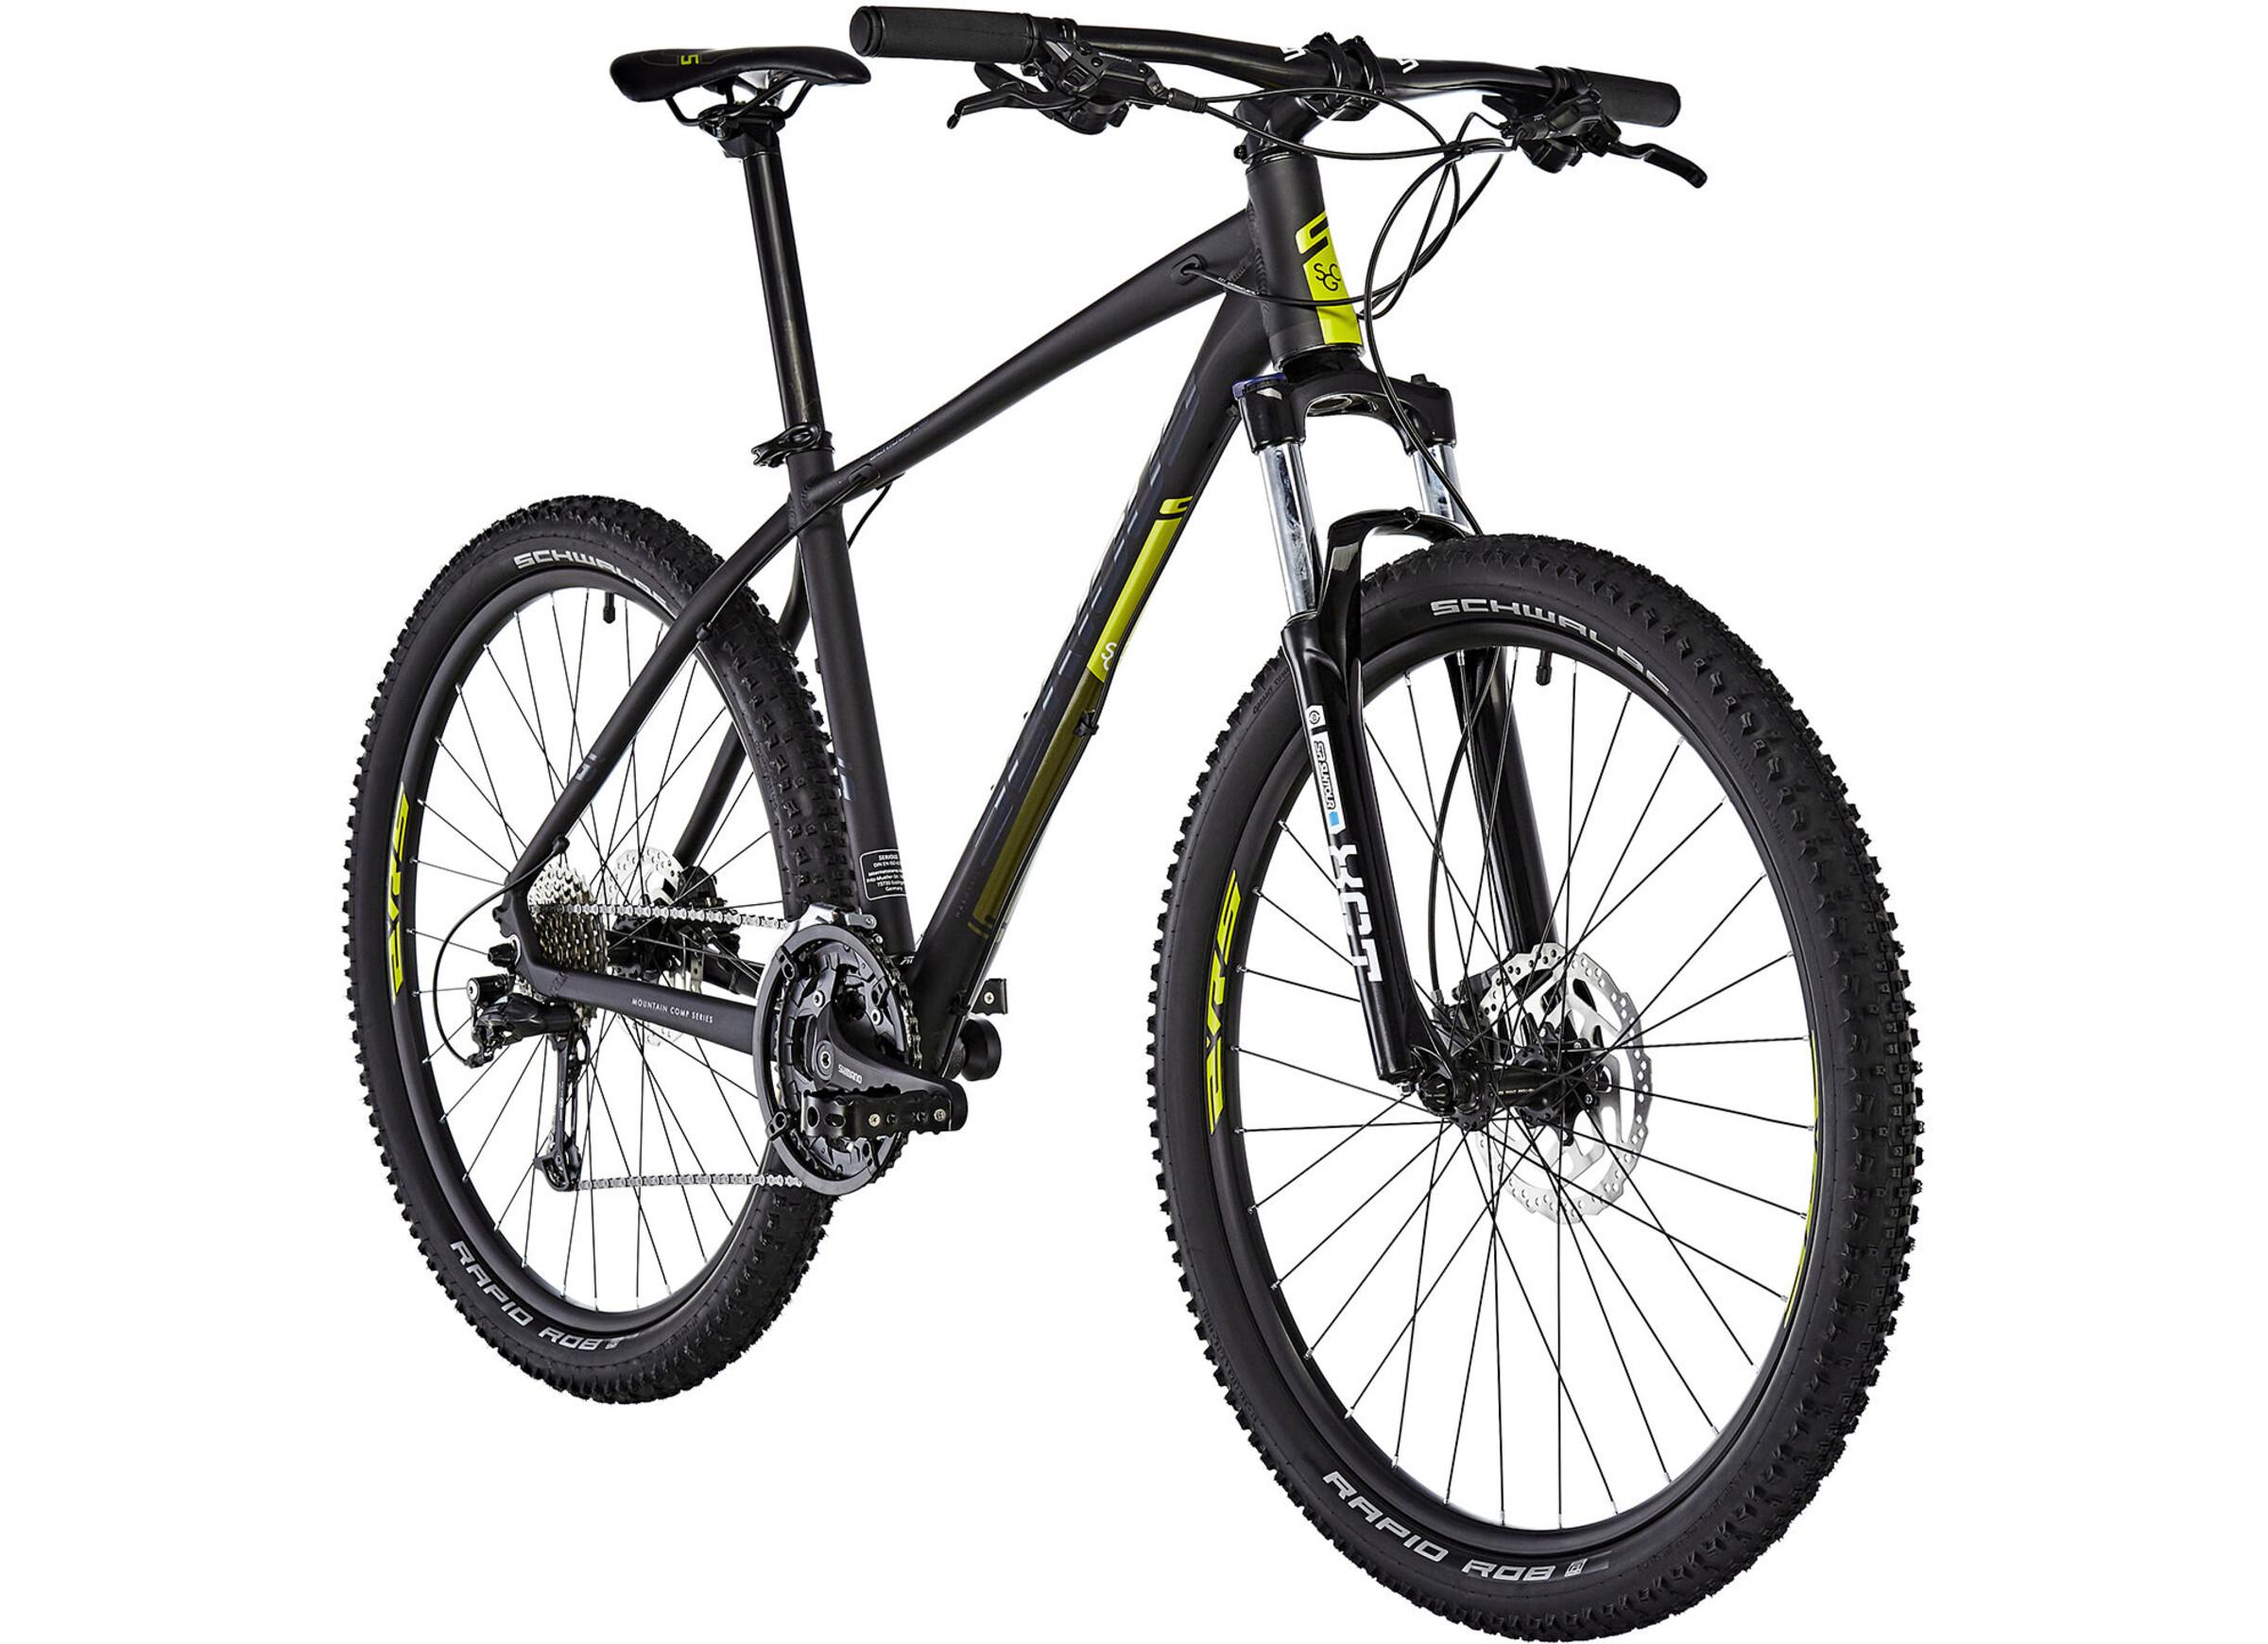 Serious Shoreline MTB Hardtail 27,5 sort | Find cykeltilbehør på nettet | Bikester.dk